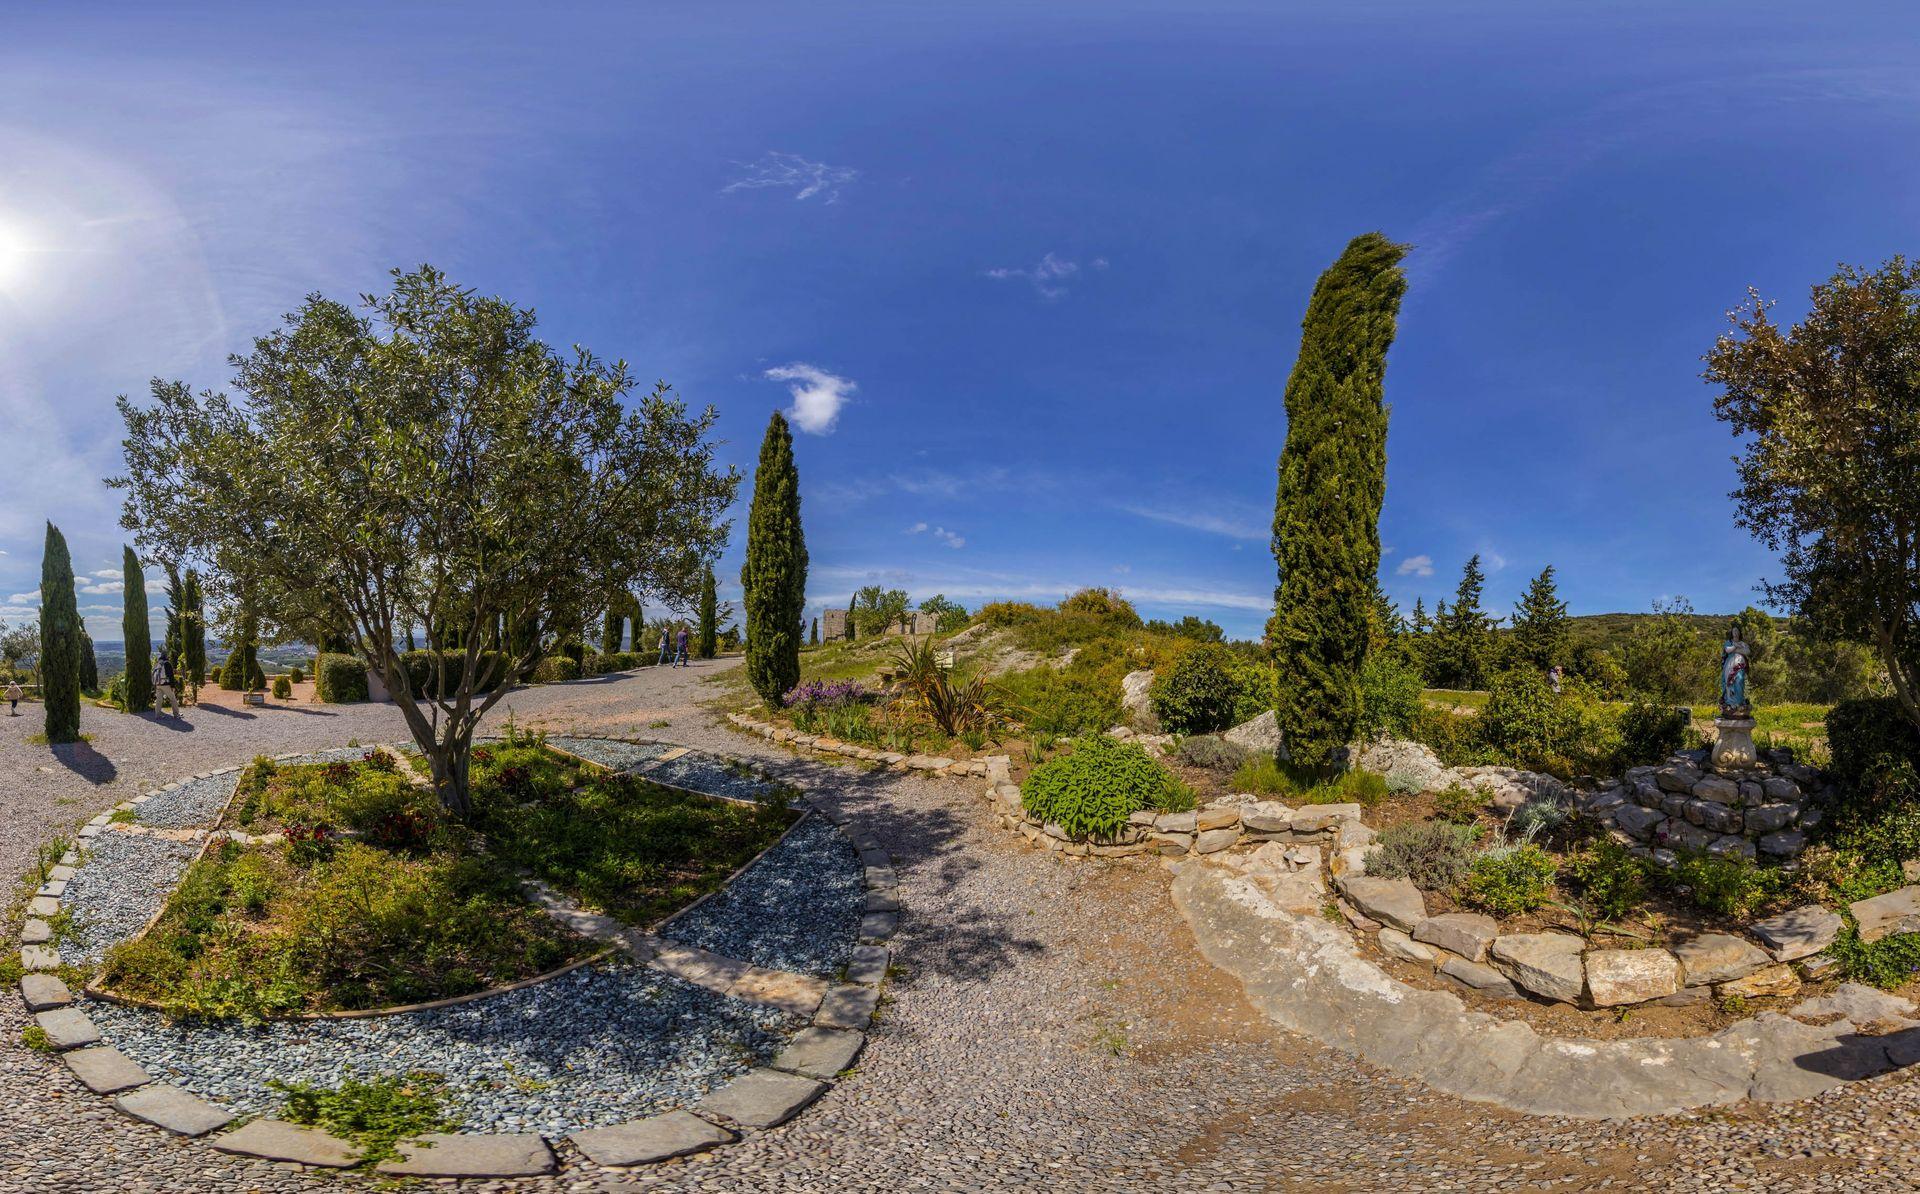 Les jardins de St-Felix de Montceau